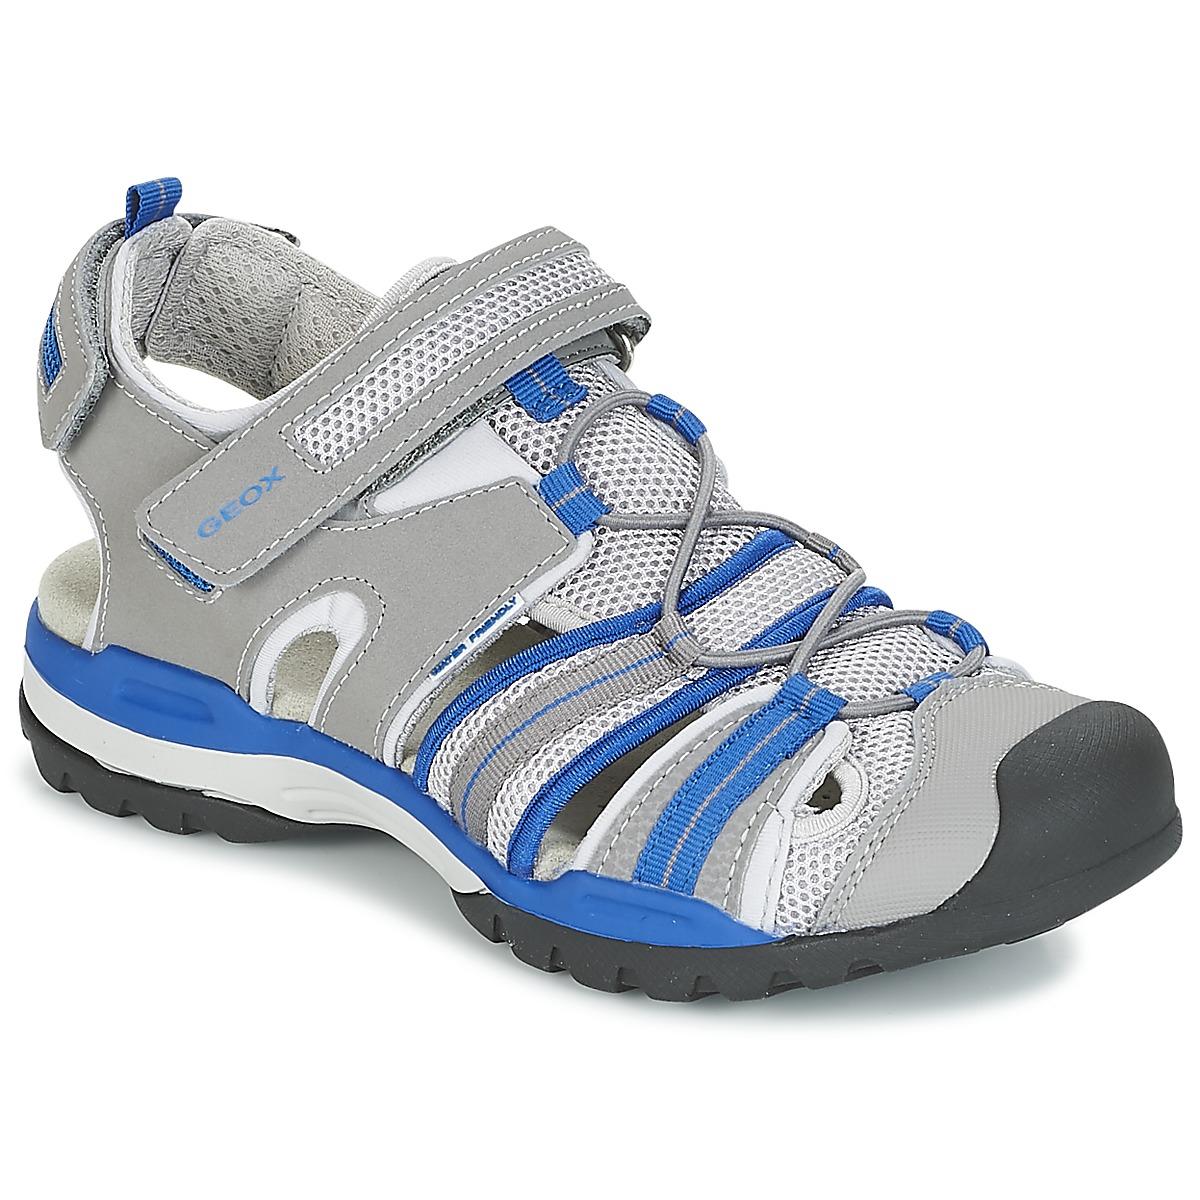 Geox J BOREALIS B C Grau / Blau - Kostenloser Versand bei Spartoode ! - Schuhe Sportliche Sandalen Kind 59,90 €